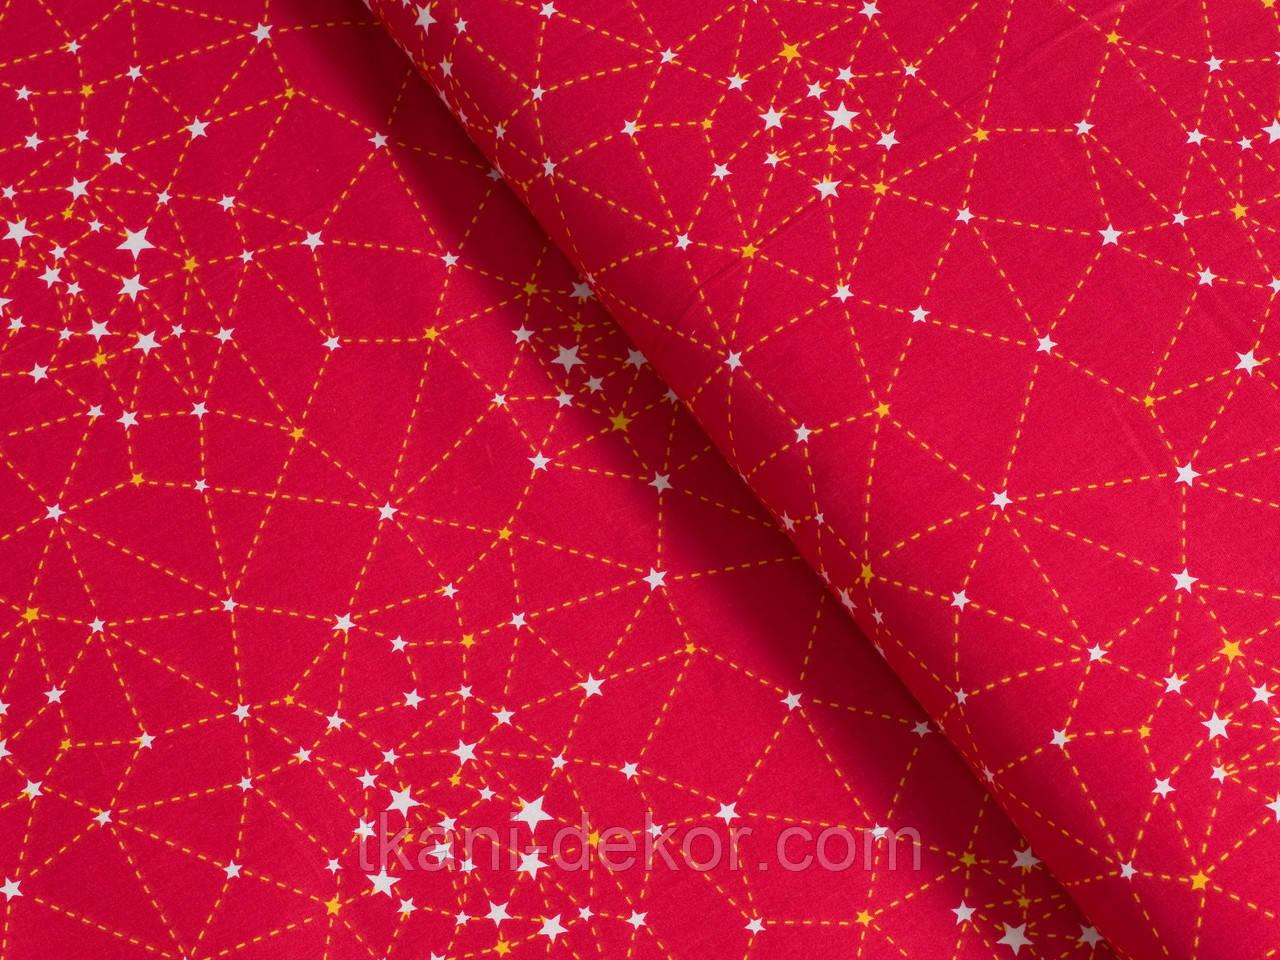 Сатин (хлопковая ткань) созвездие звезд